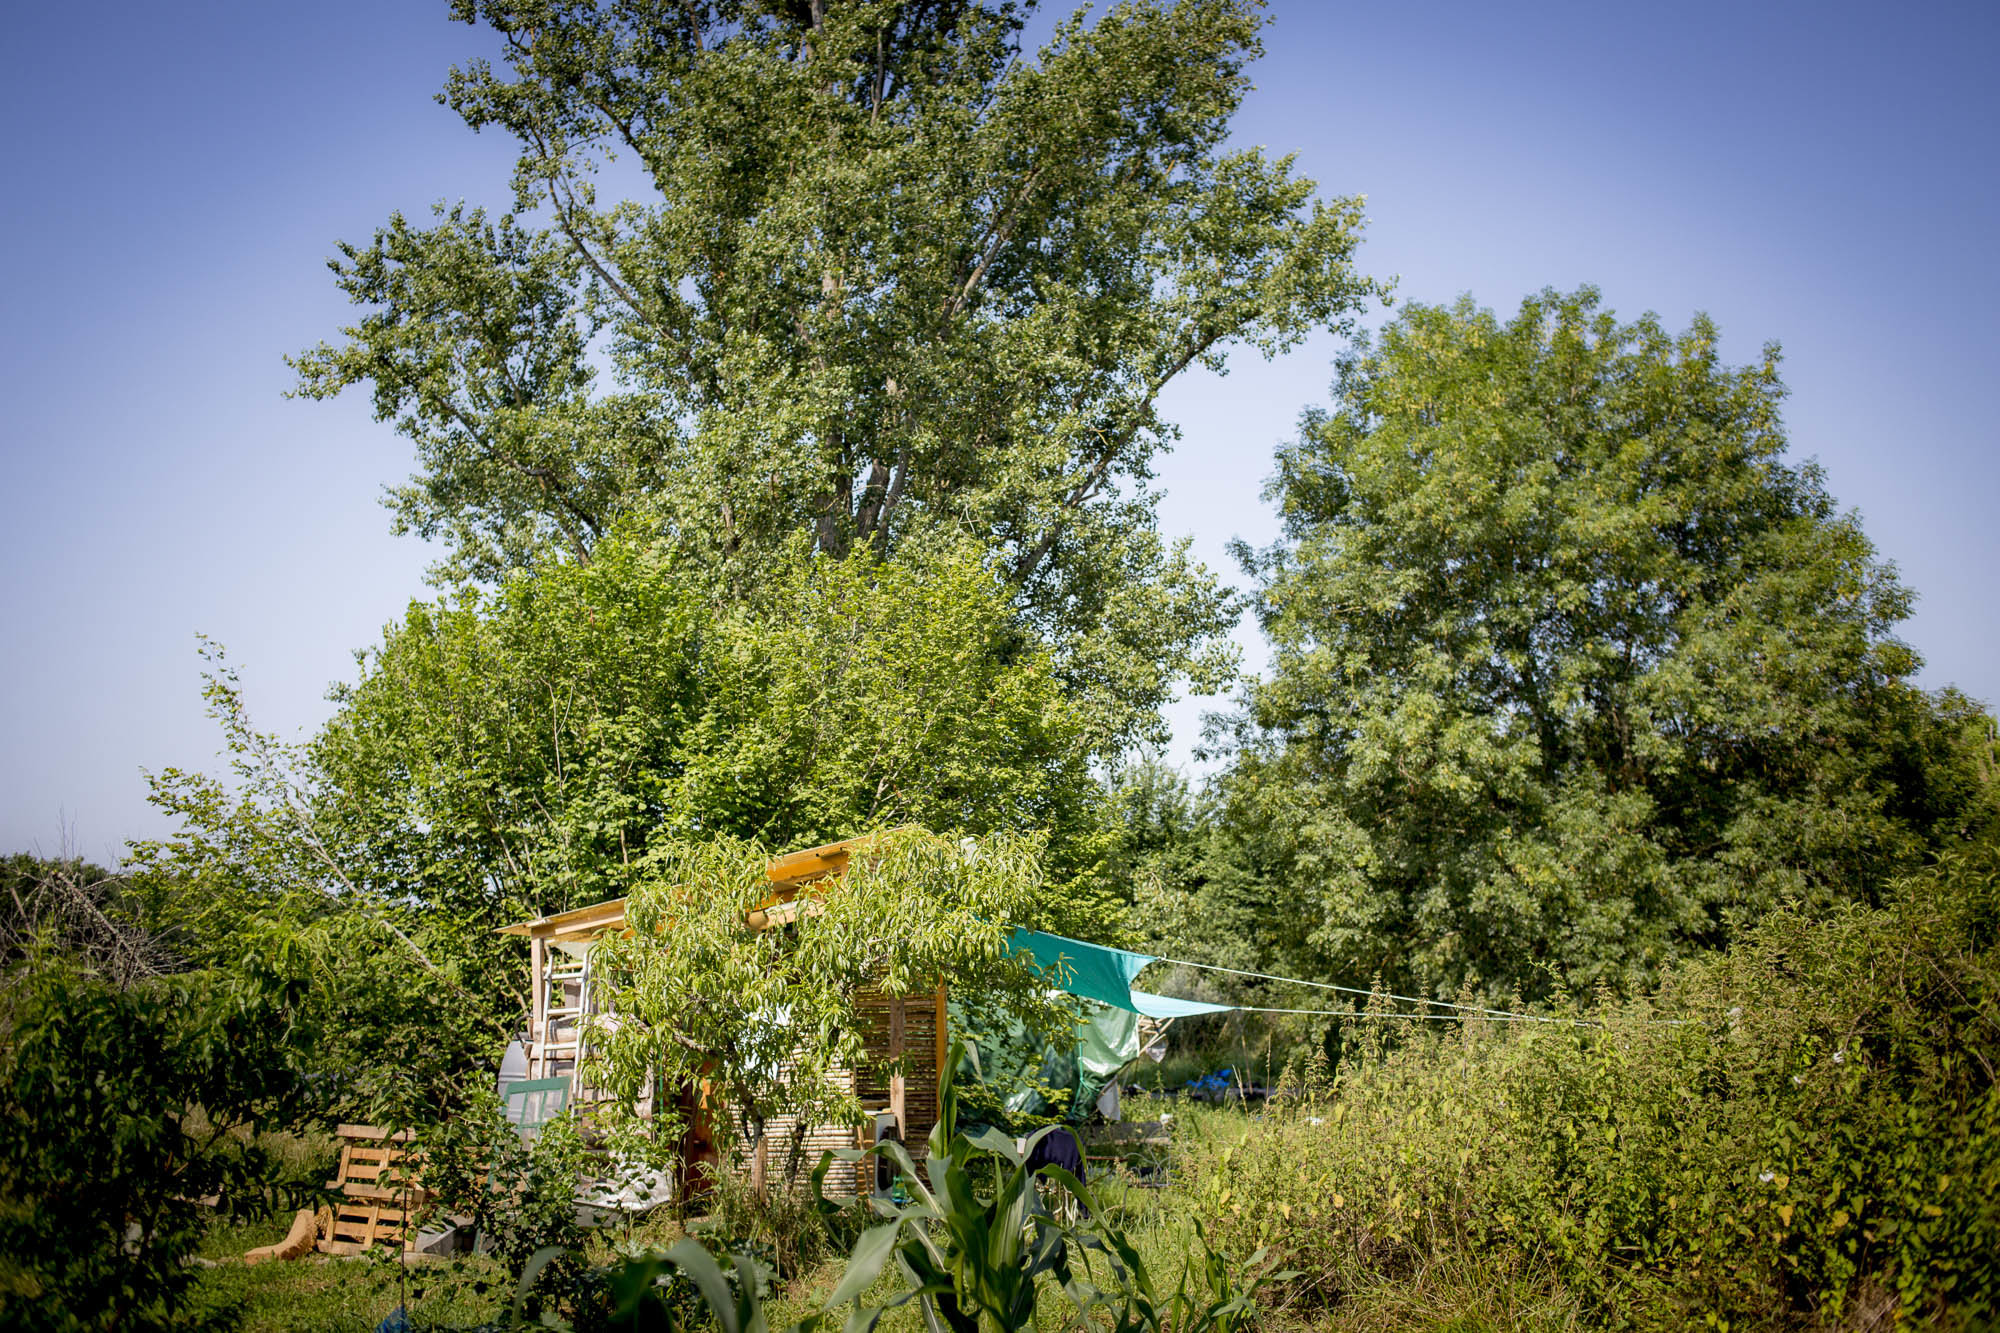 Camping collaboratif, tentes avec matelas dans une ferme en permaculture.